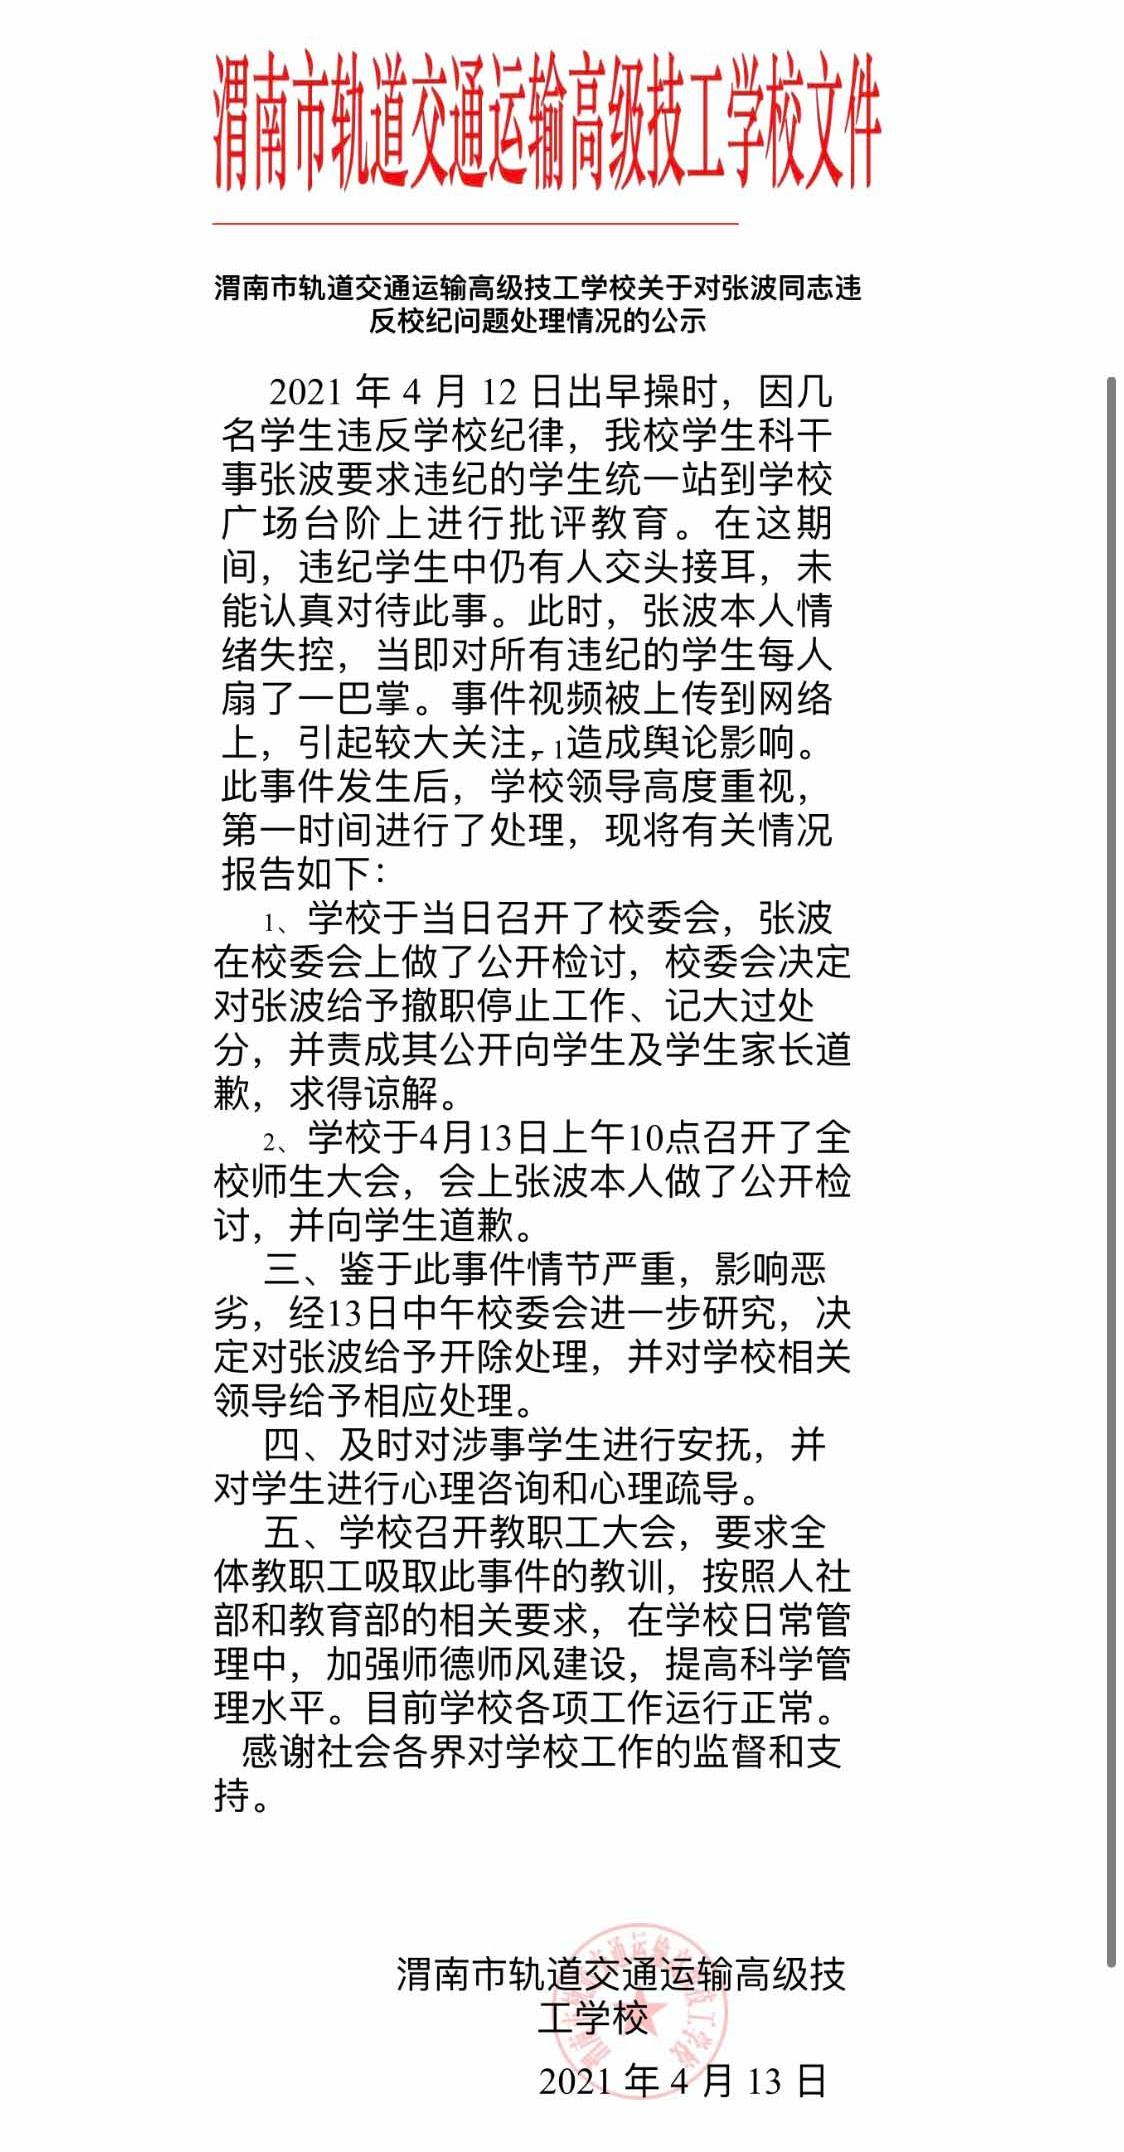 陕西渭南一学校迟到学生被扇耳光 校方:涉事教师已被开除